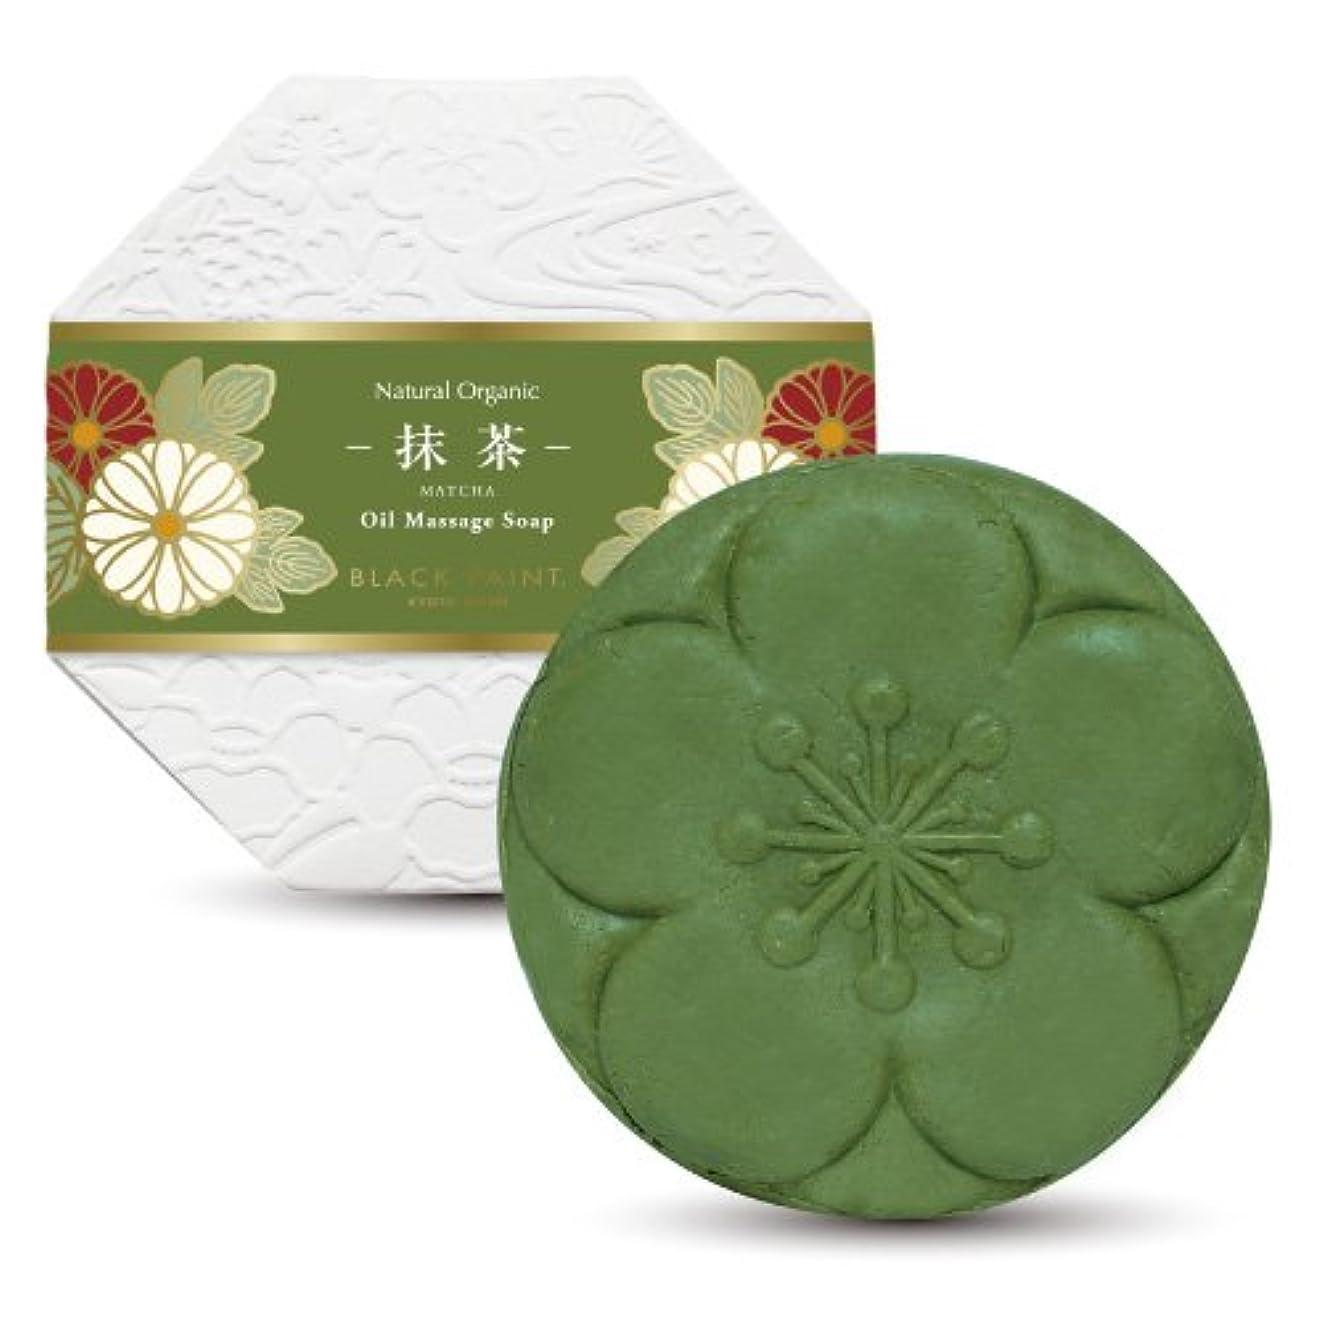 荷物対応するブラウズ京のお茶石鹸 抹茶 120g 塗る石鹸